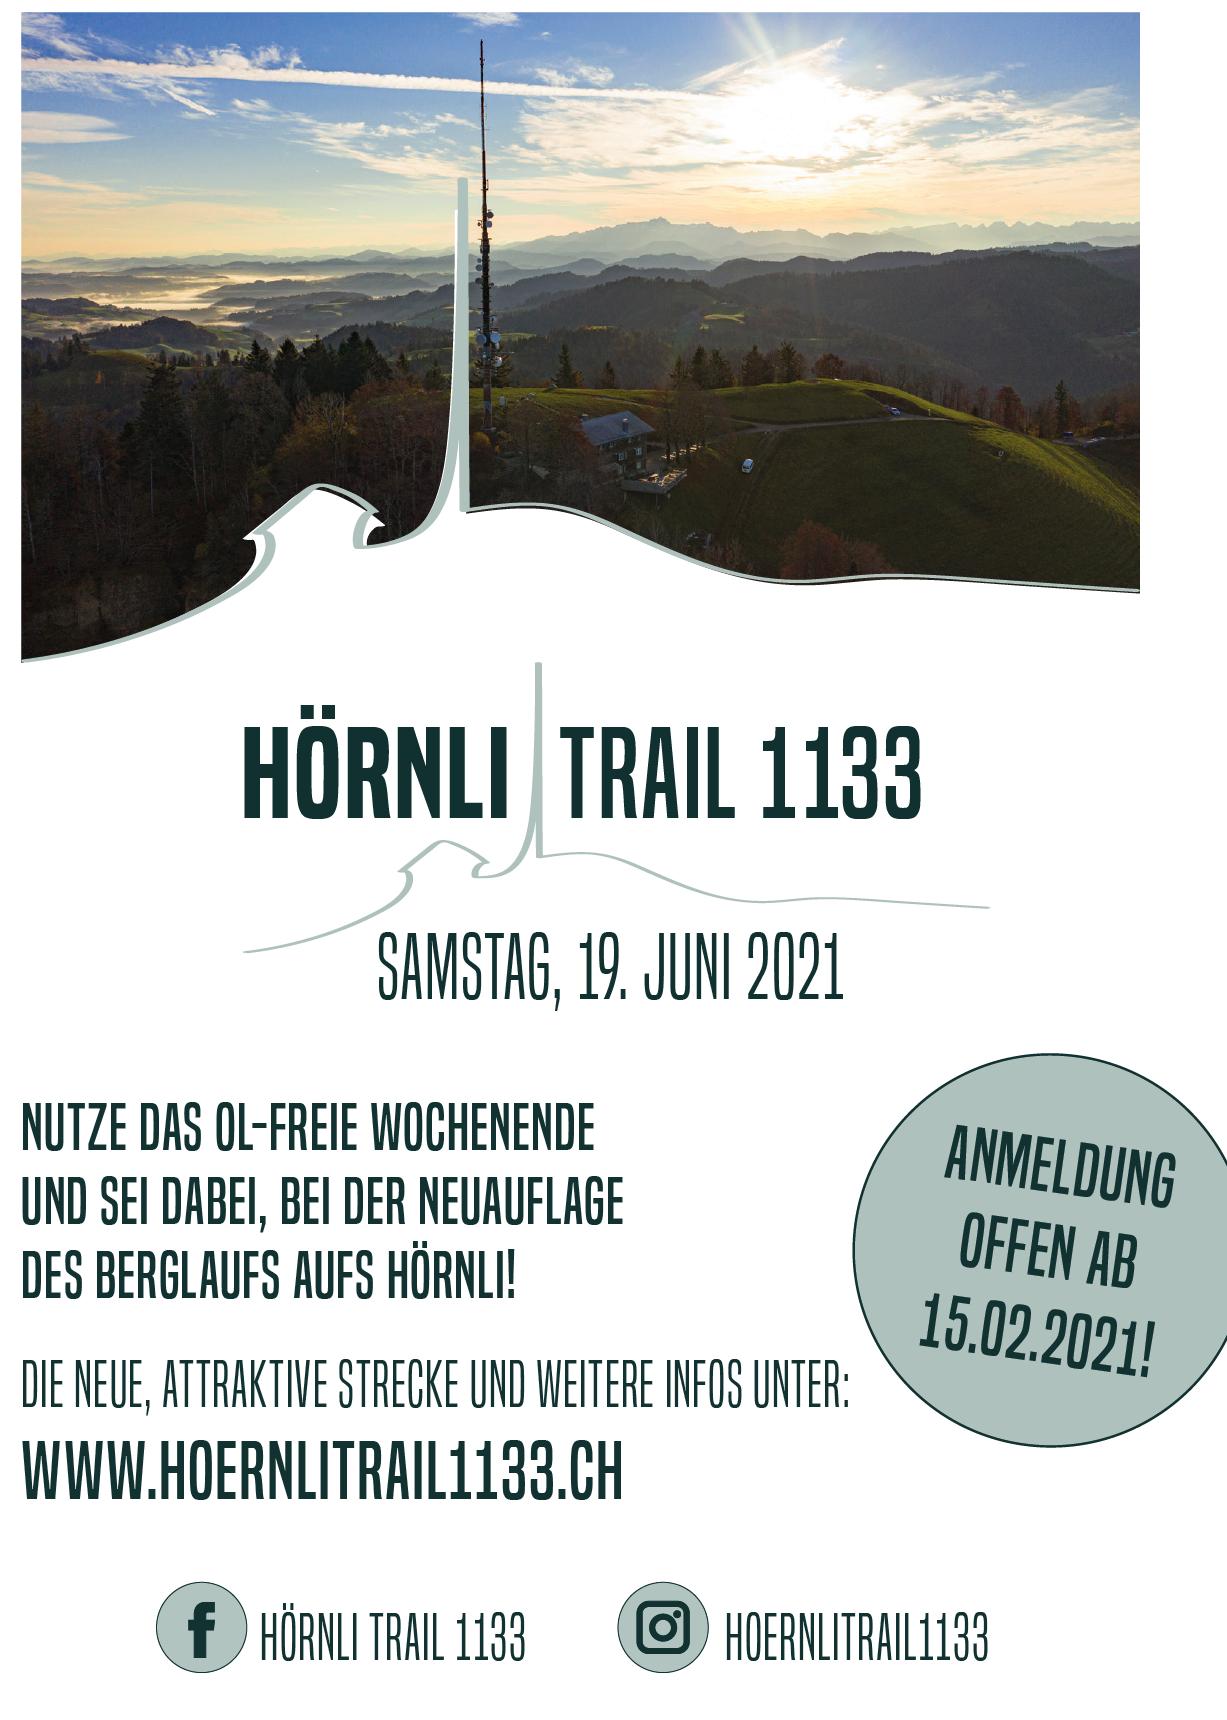 Hörnlitrail 1133